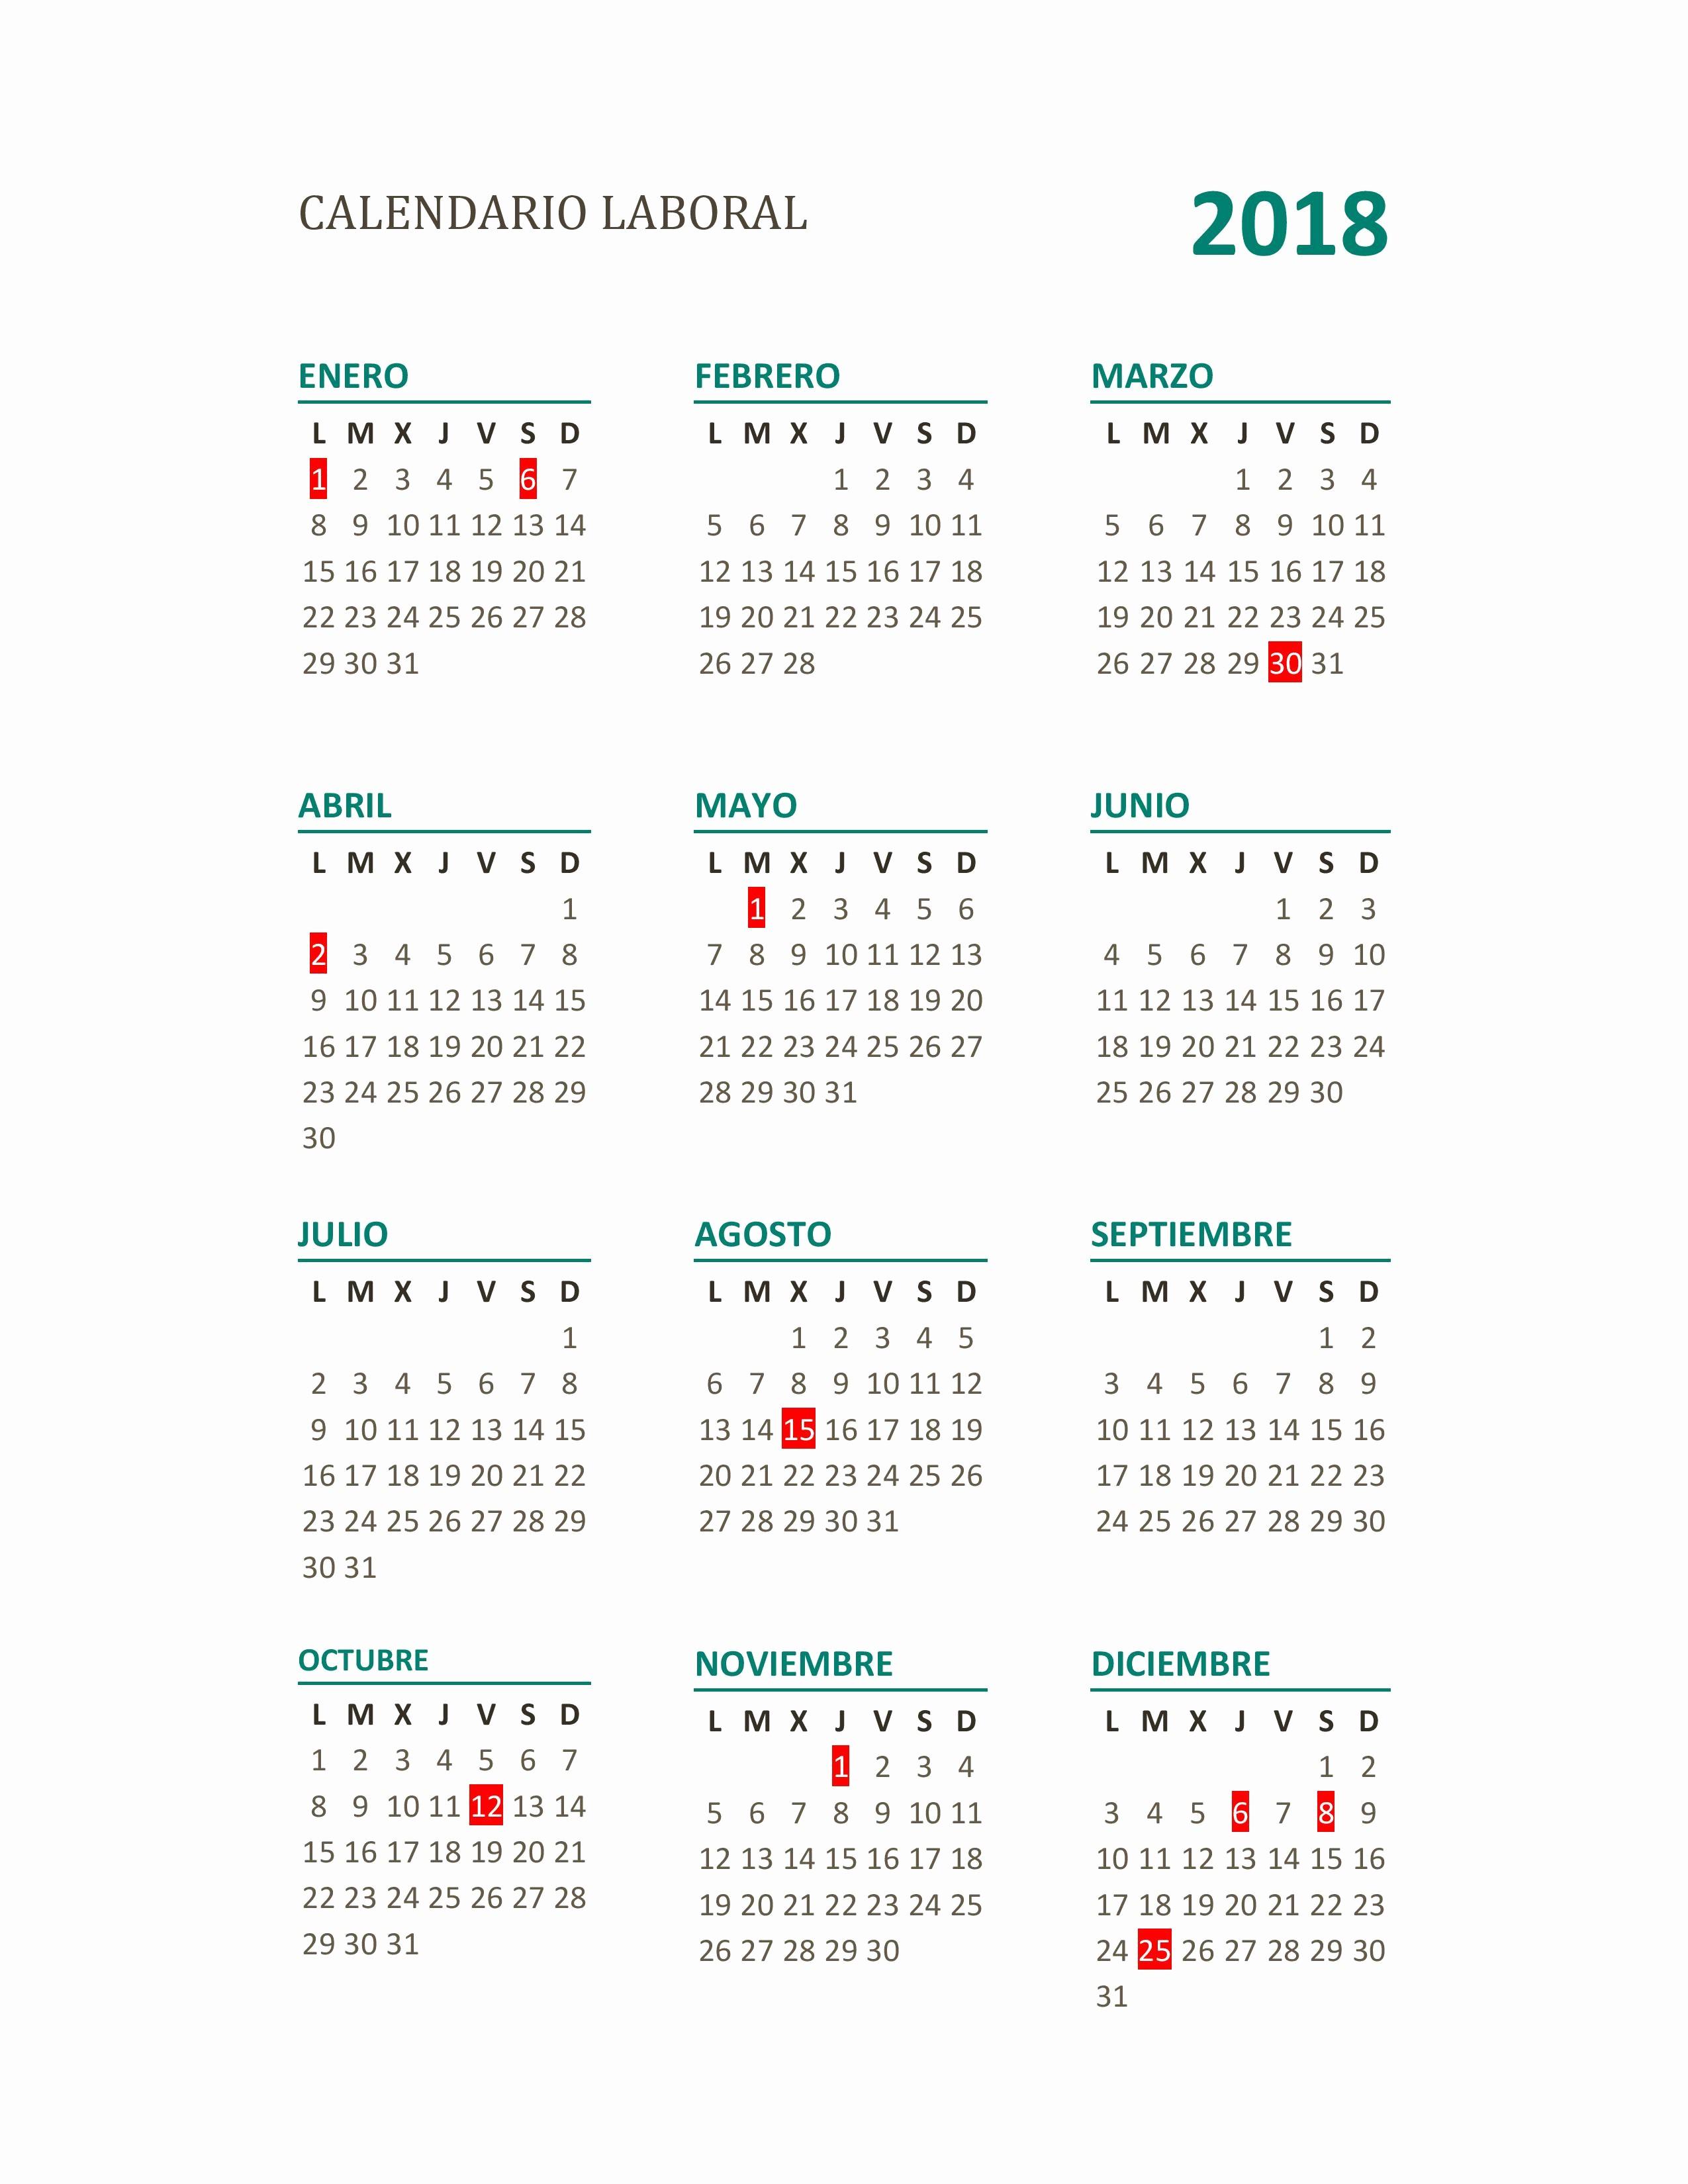 Calendario Laboral 2019 Valencia Para Imprimir Mejores Y Más Novedosos Beautiful 33 Ejemplos Runedia Calendario De Carreras 2019 Of Calendario Laboral 2019 Valencia Para Imprimir Más Populares Calaméo Gara